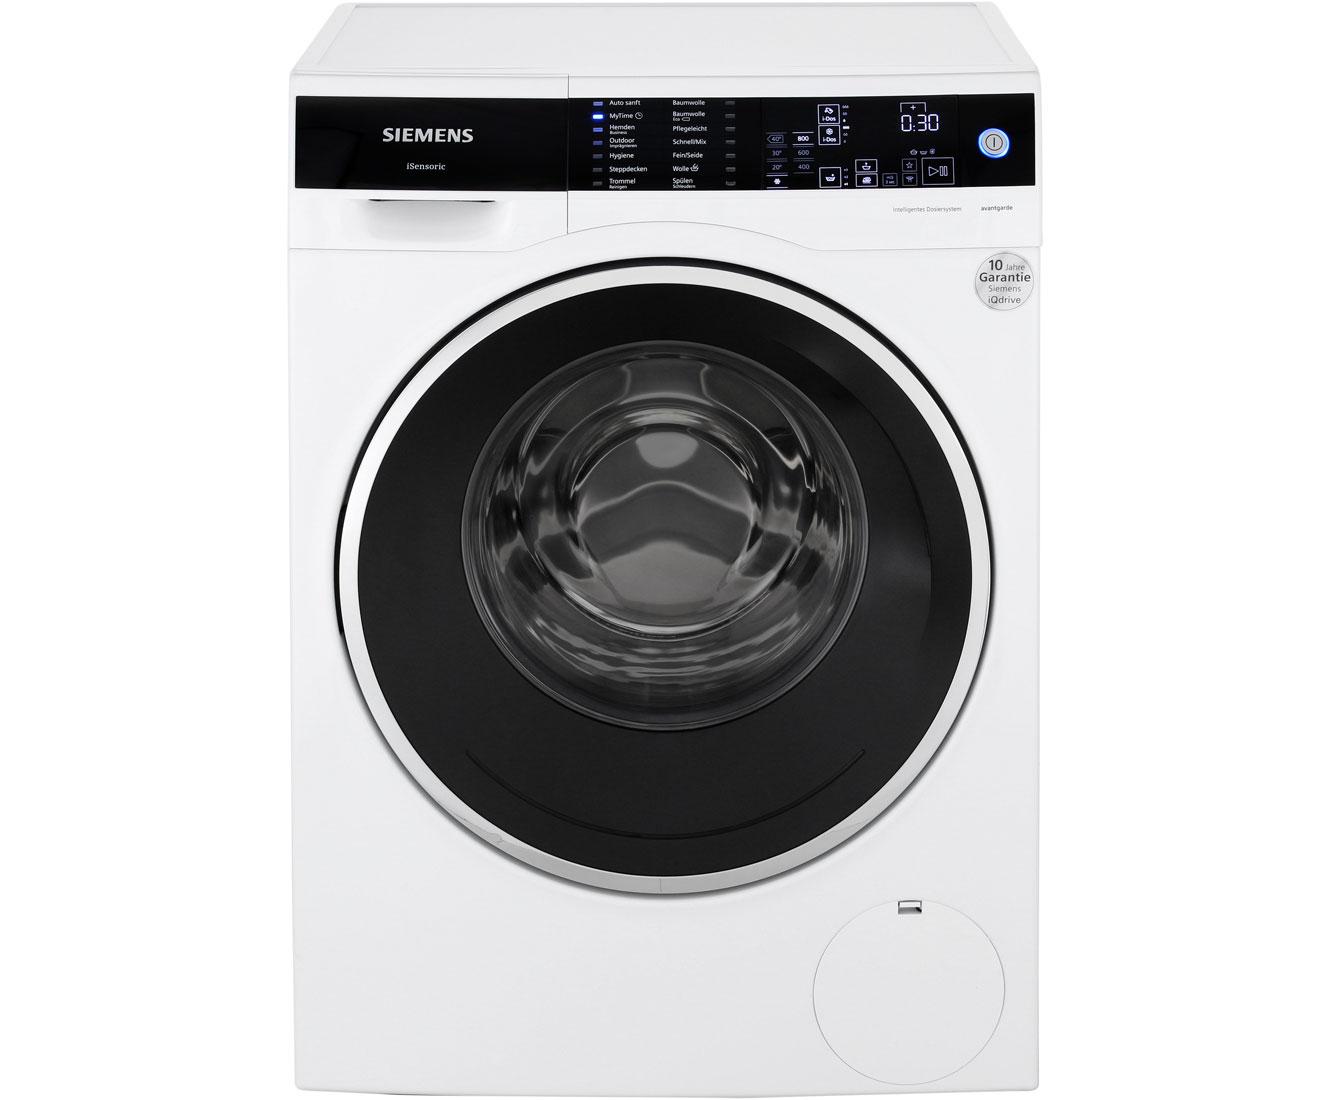 siemens iq700 wm14w5fcb isensoric premium waschmaschine a 1400 upm 9 kg wei. Black Bedroom Furniture Sets. Home Design Ideas